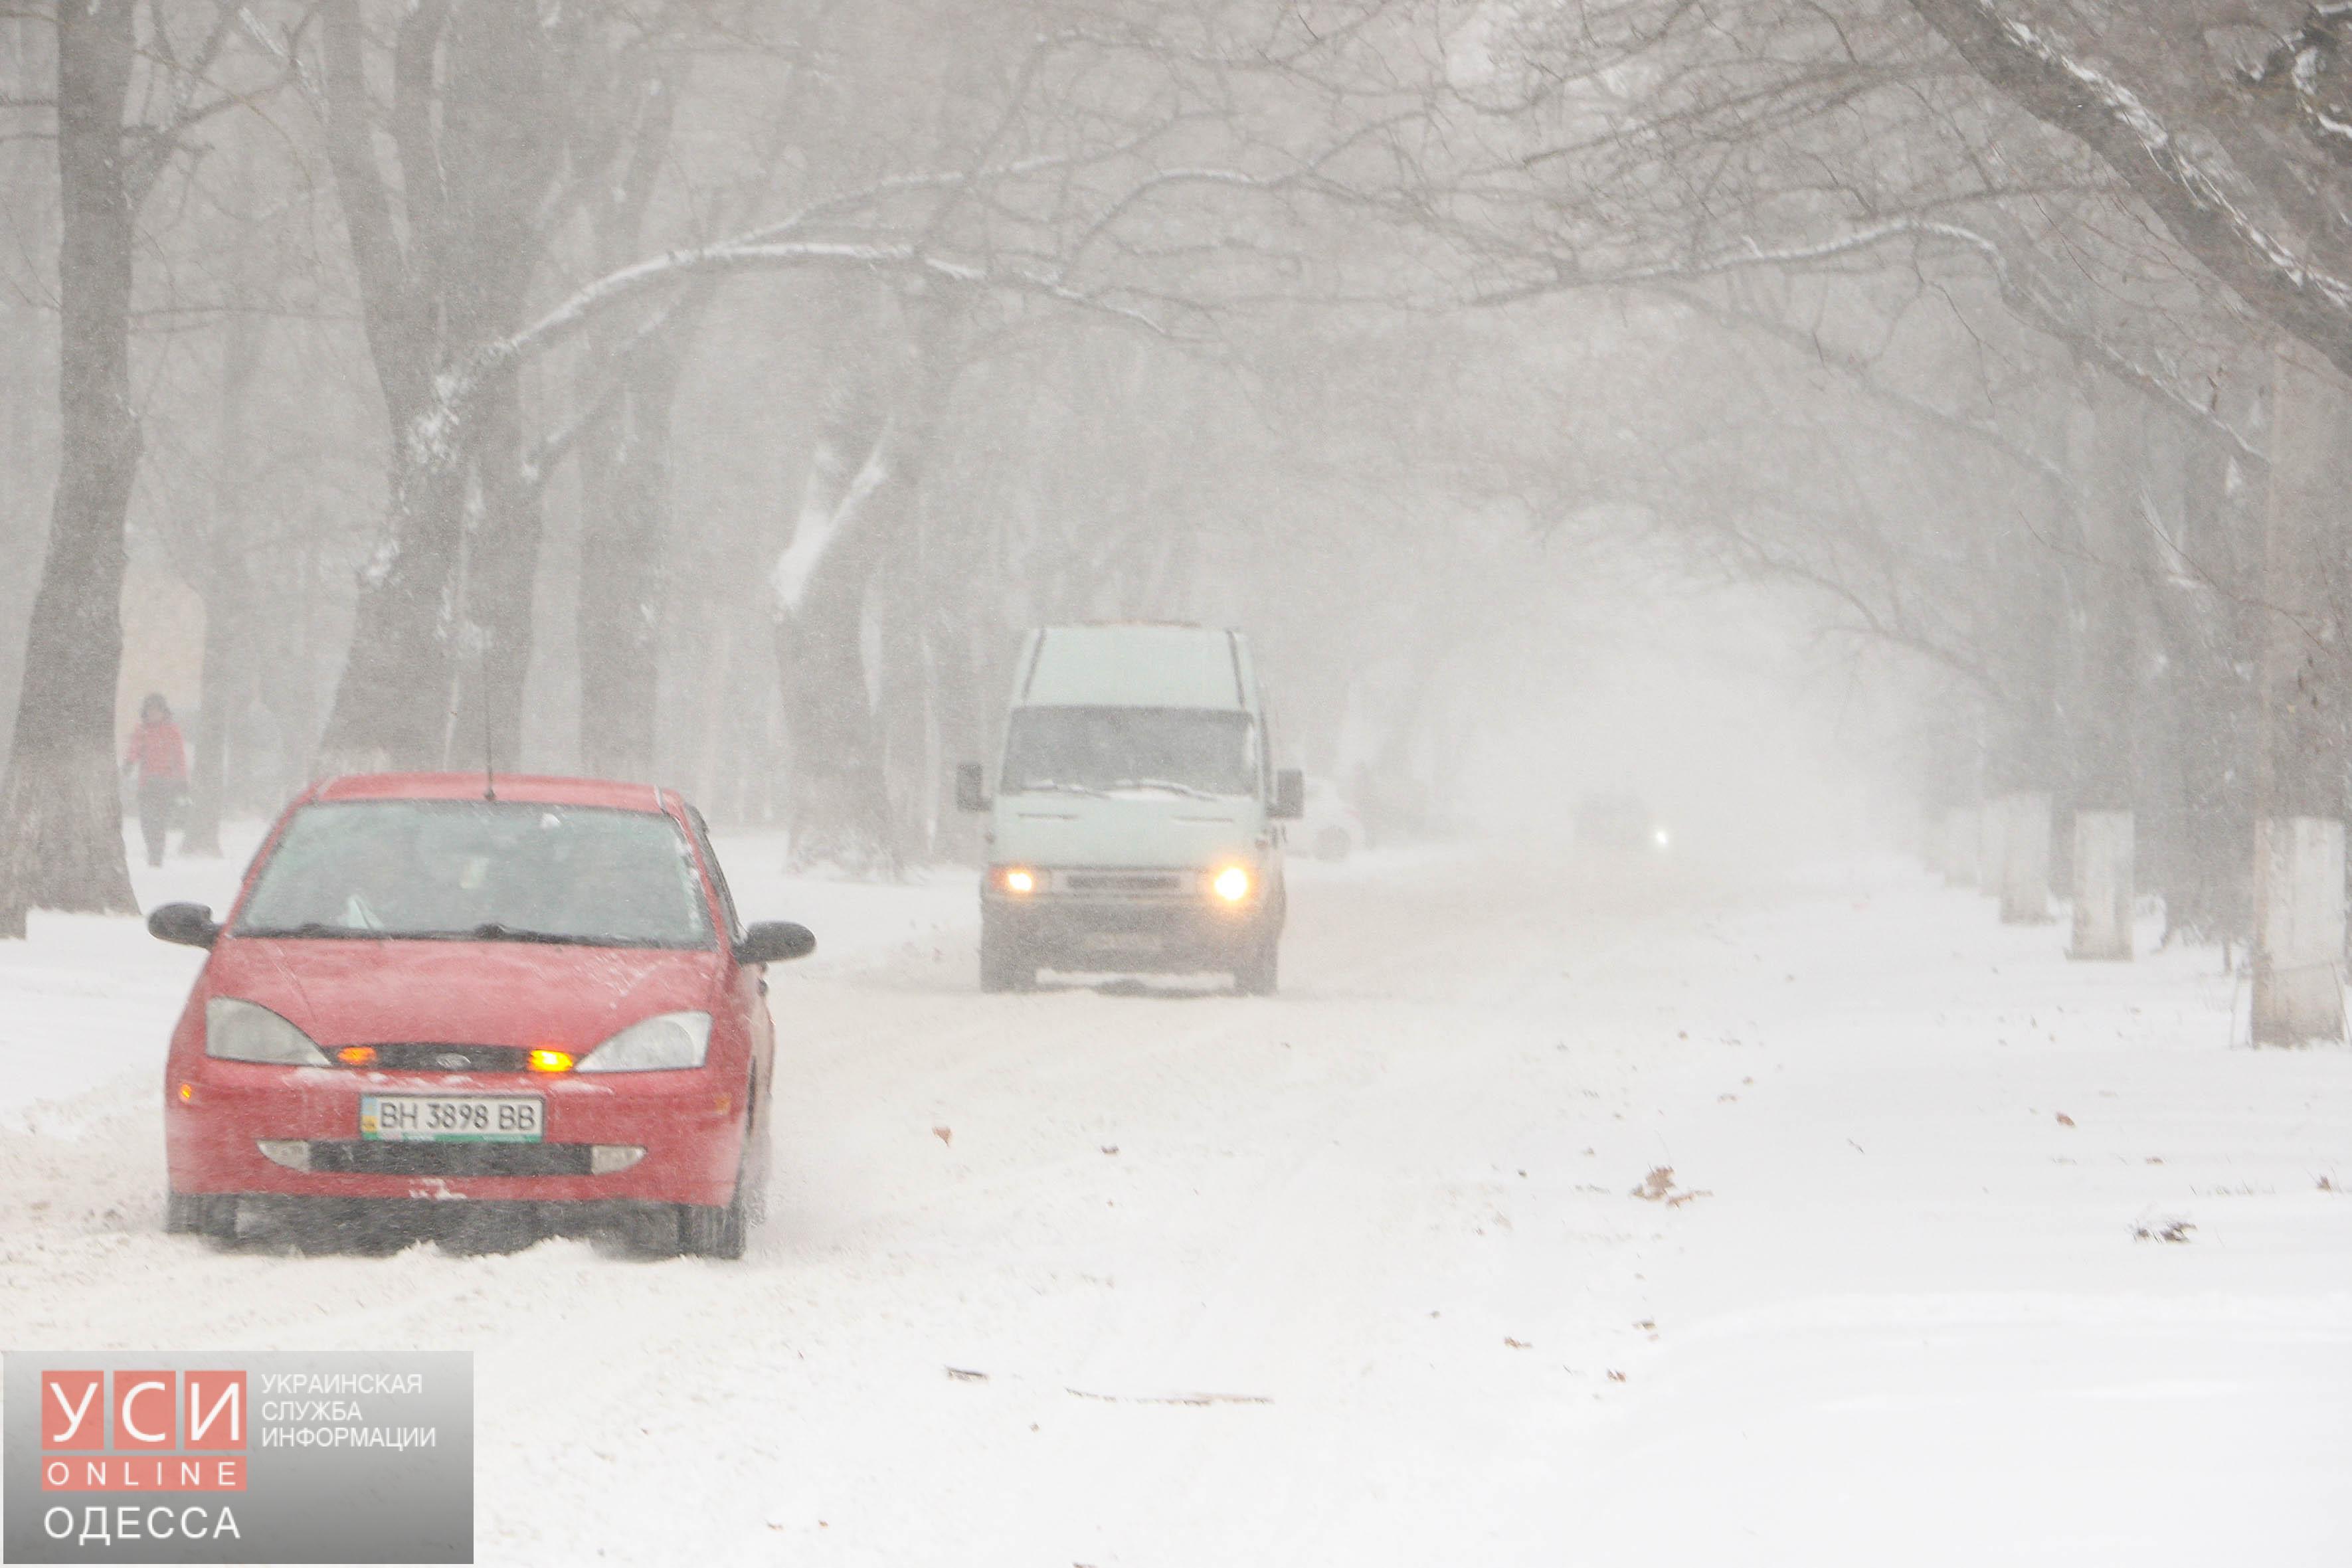 Одесса переживает сильный снегопад (фото)